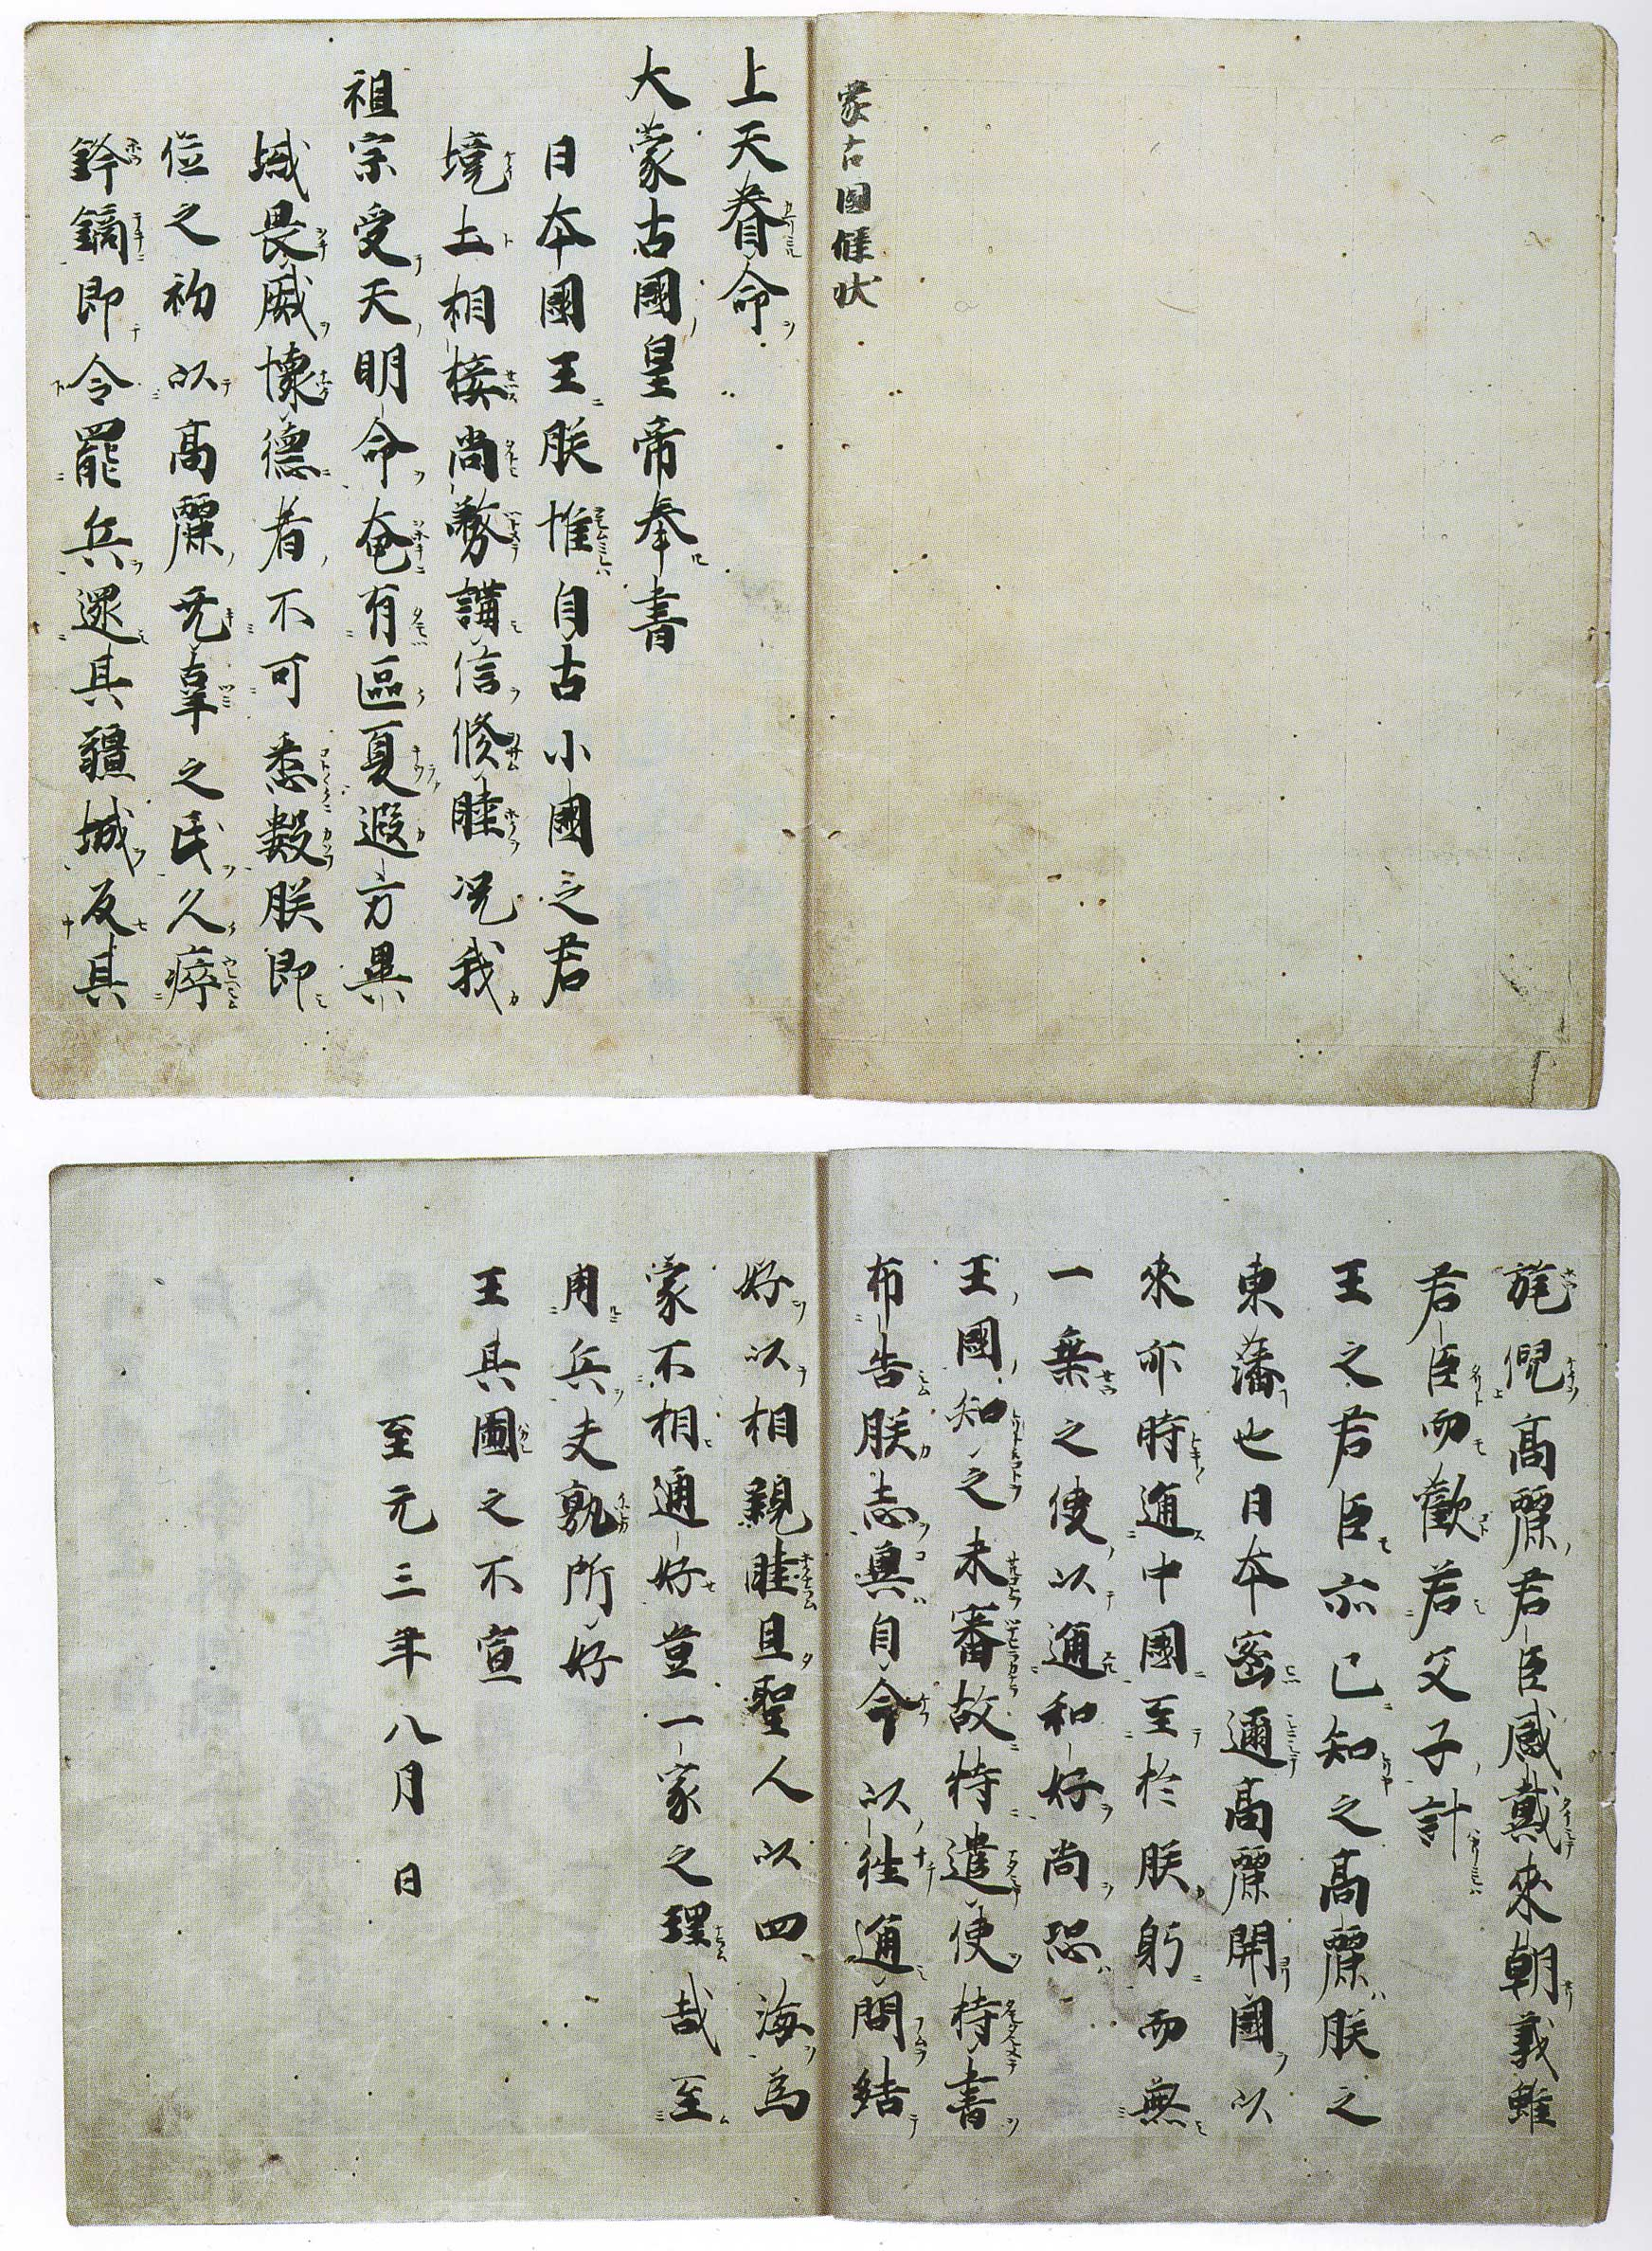 蒙古日本国王写的汉字